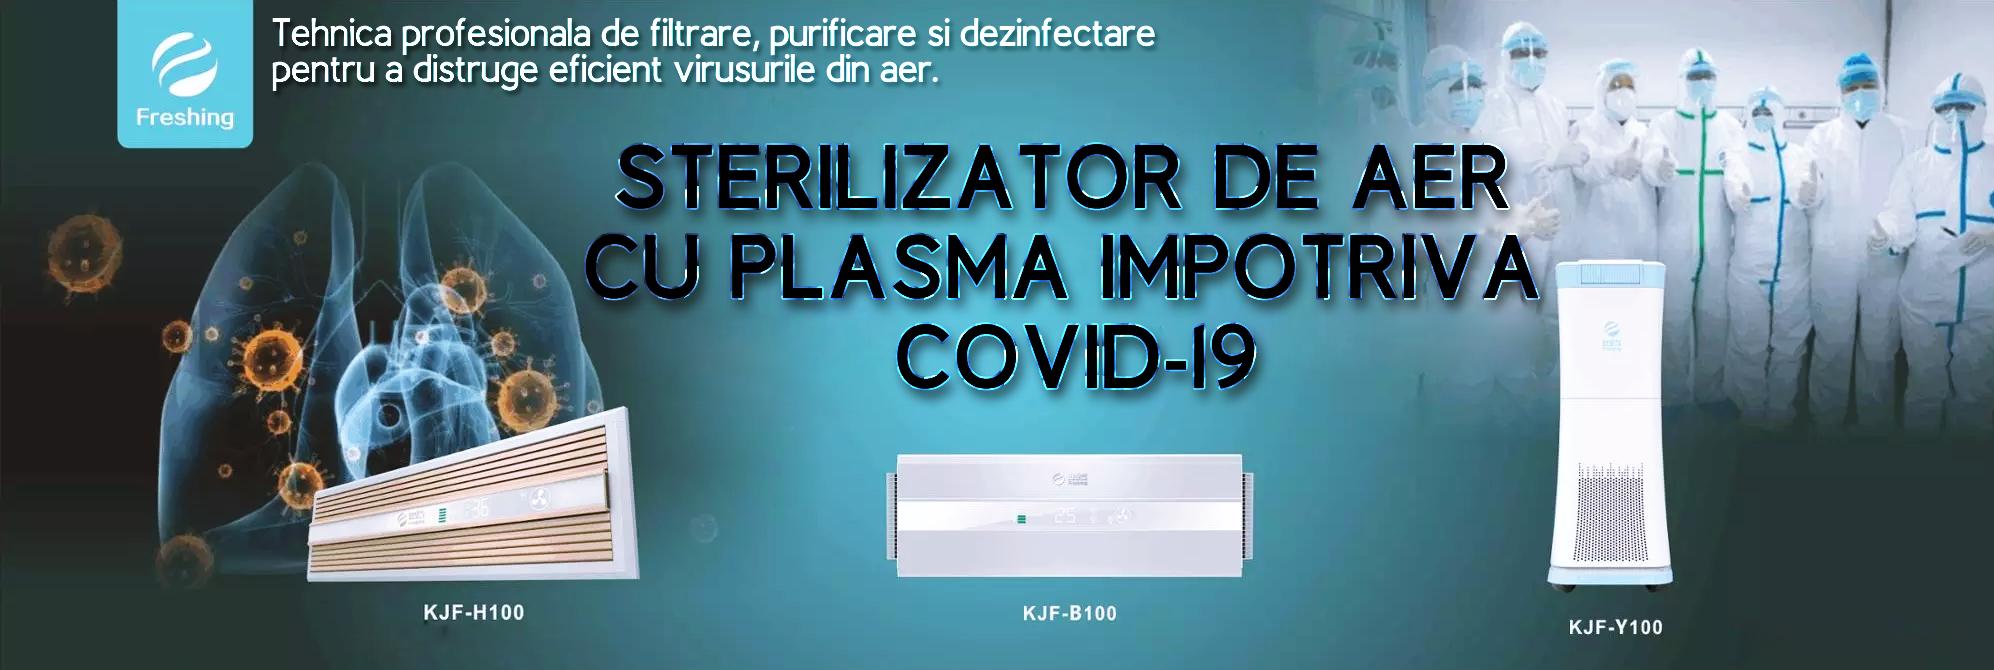 Sterilizator de aer cu plasma | Sterilizator COVID-19